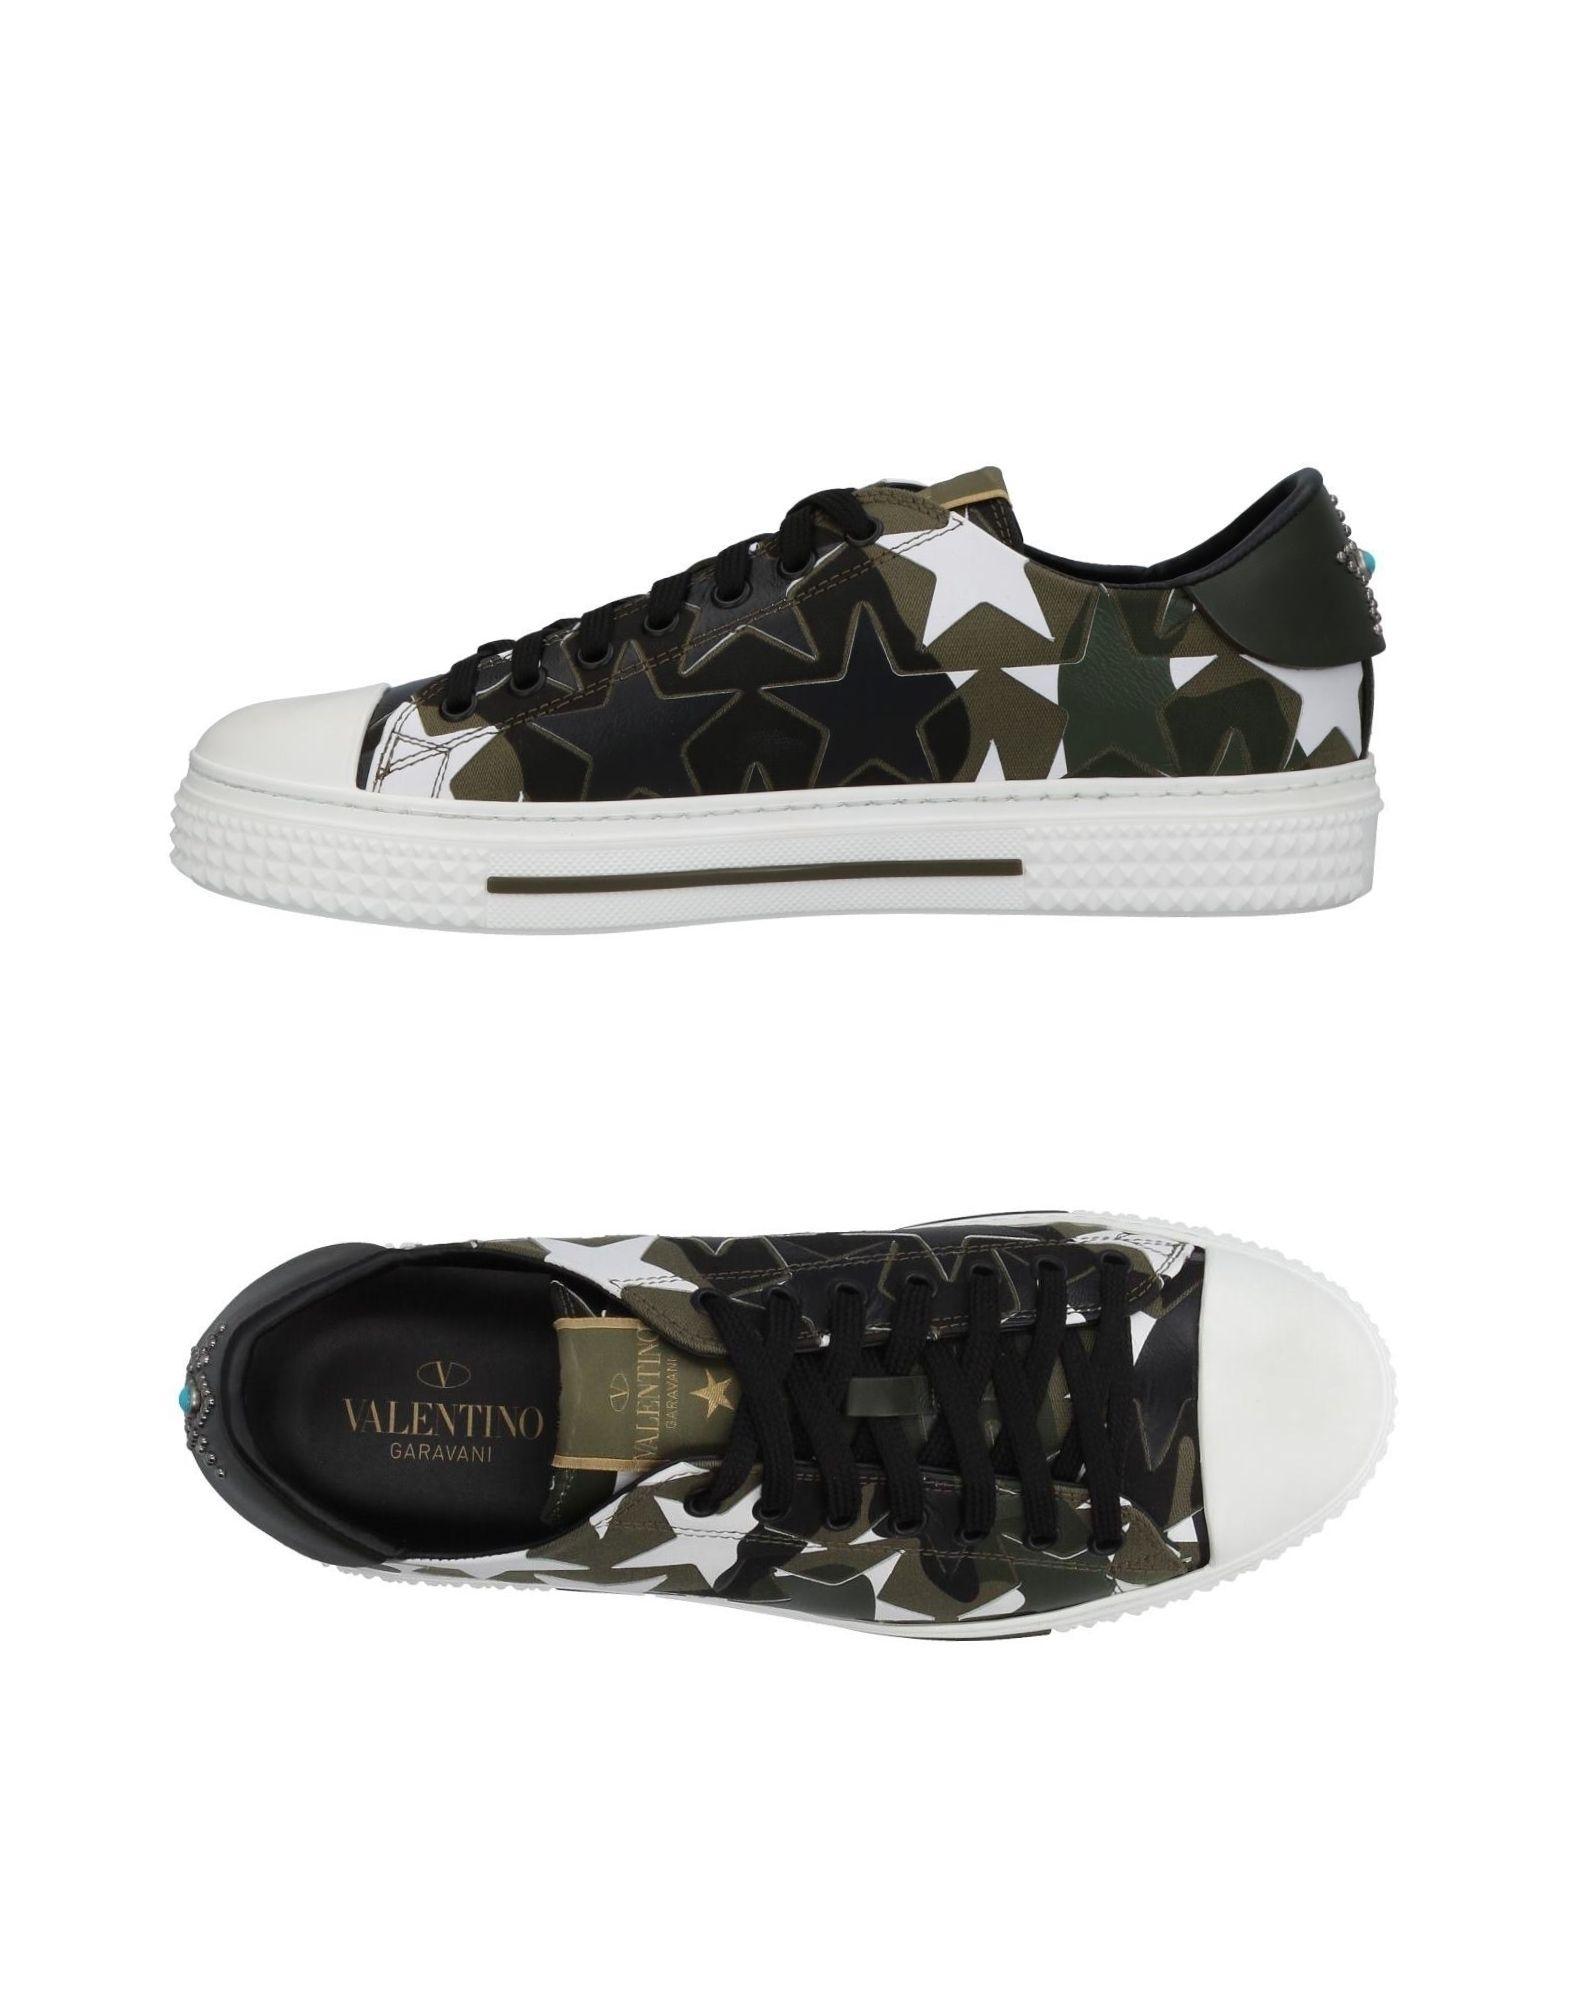 Valentino Garavani Sneakers Herren  11383882SX Gute Qualität beliebte Schuhe